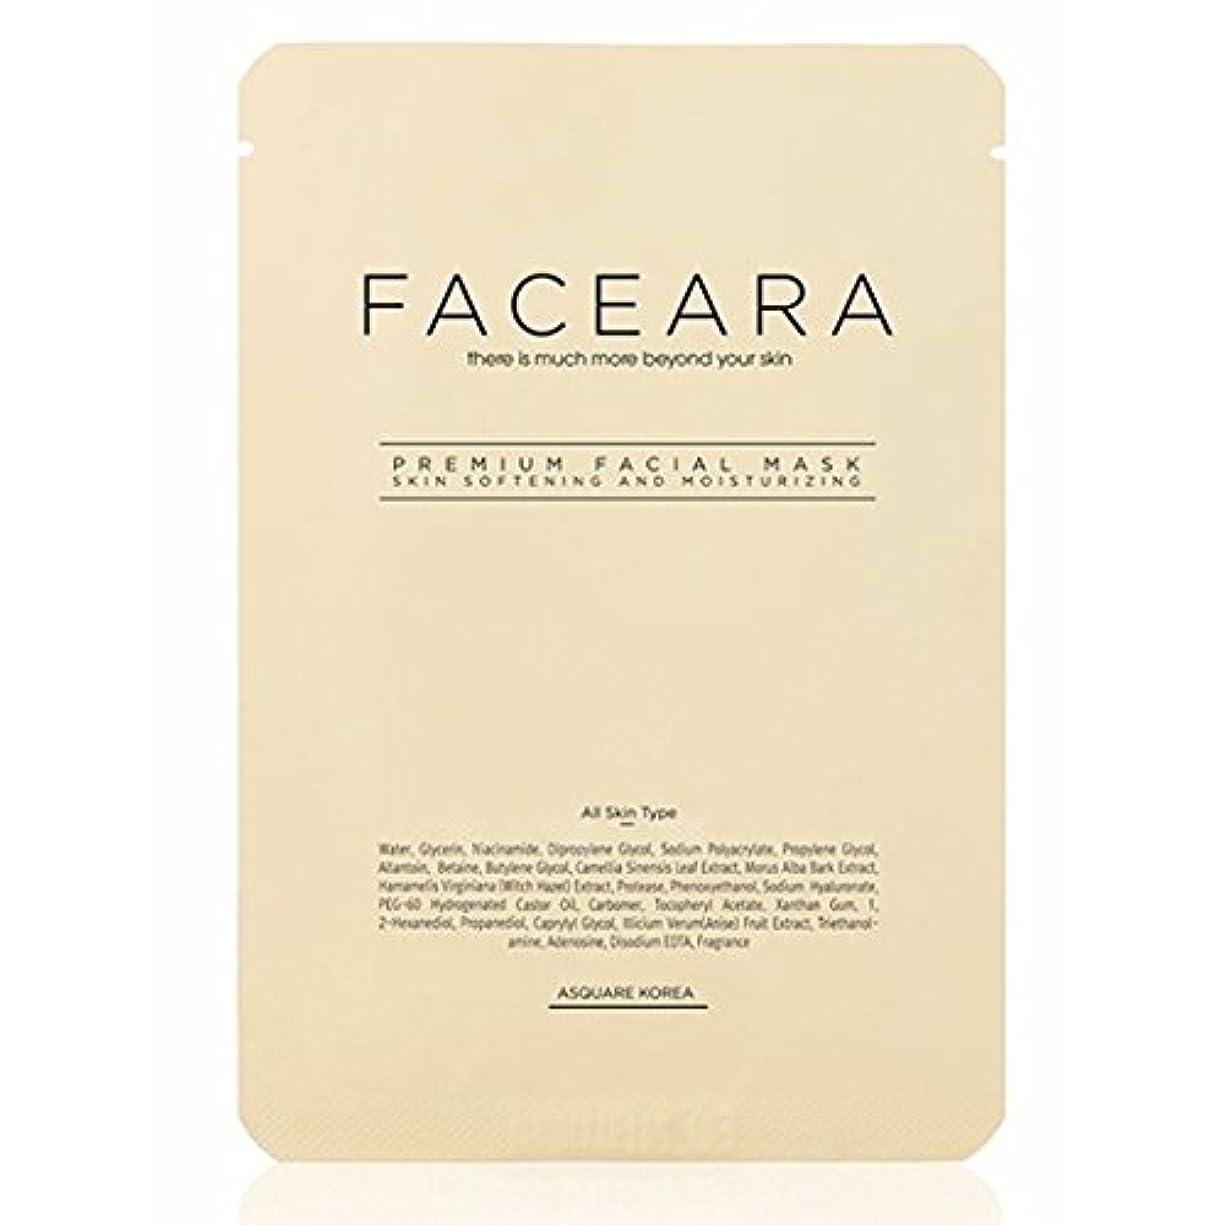 突き刺すシンボル影響する[並行輸入品] FACEARA スクラブ&スーパーモイスチャライザー用プレミアムフェイシャルマスクシート25g 10本セット / FACEARA Premium Facial Mask Sheet for Scrub &...